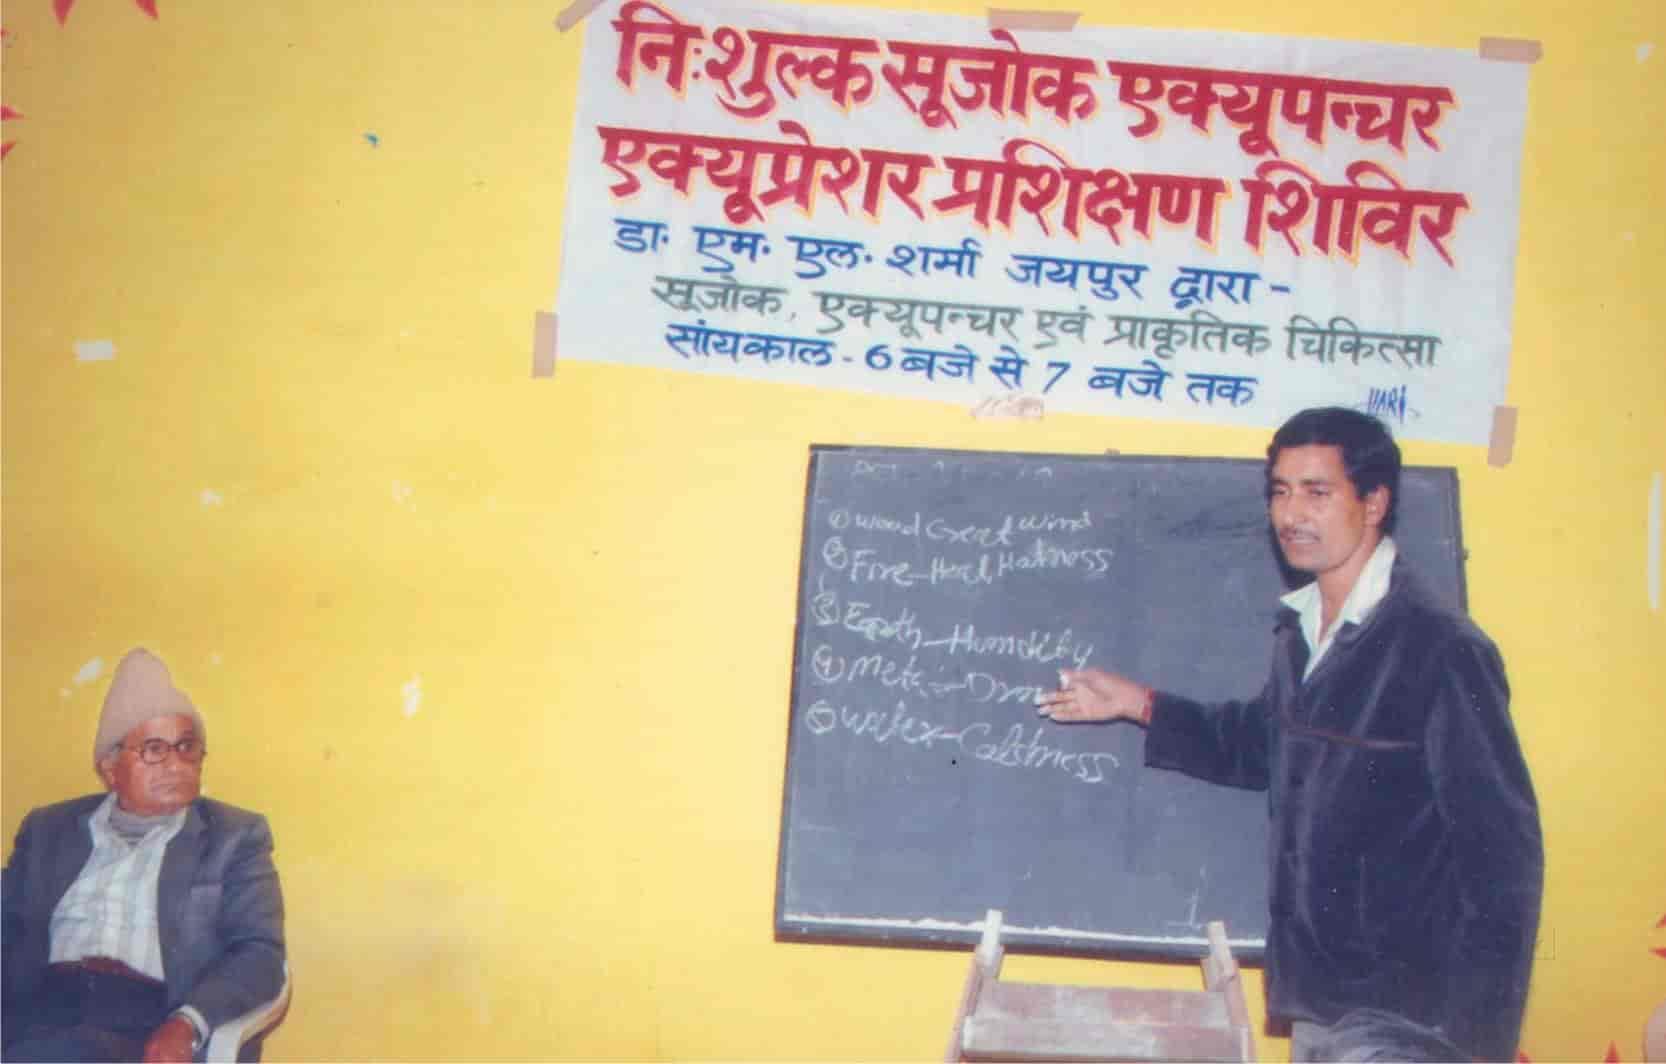 Sujok Therapy Center Photos, Vidhyadhar Nagar, Jaipur